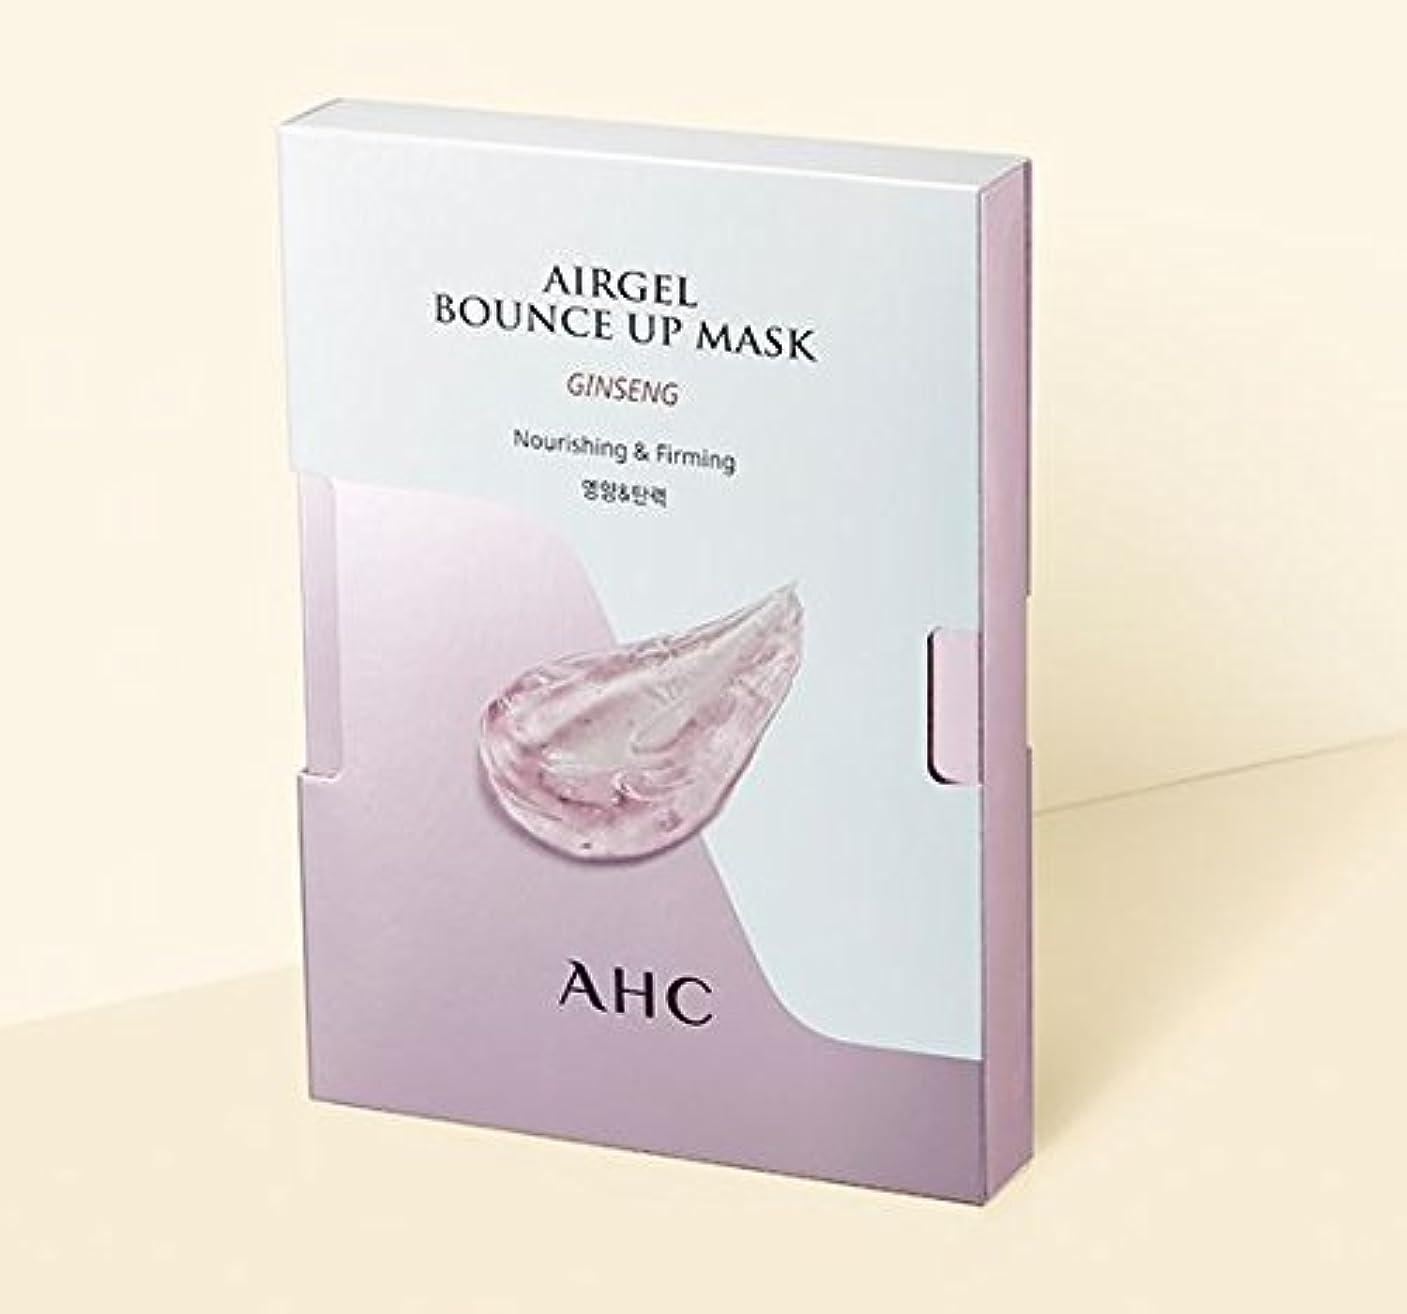 コピー悪い重要[A.H.C] Airgel Bounce Up Mask GINSENG (Nourishing&Firming)30g*5sheet/ジンセンエアゲルマスク30g*5枚 [並行輸入品]